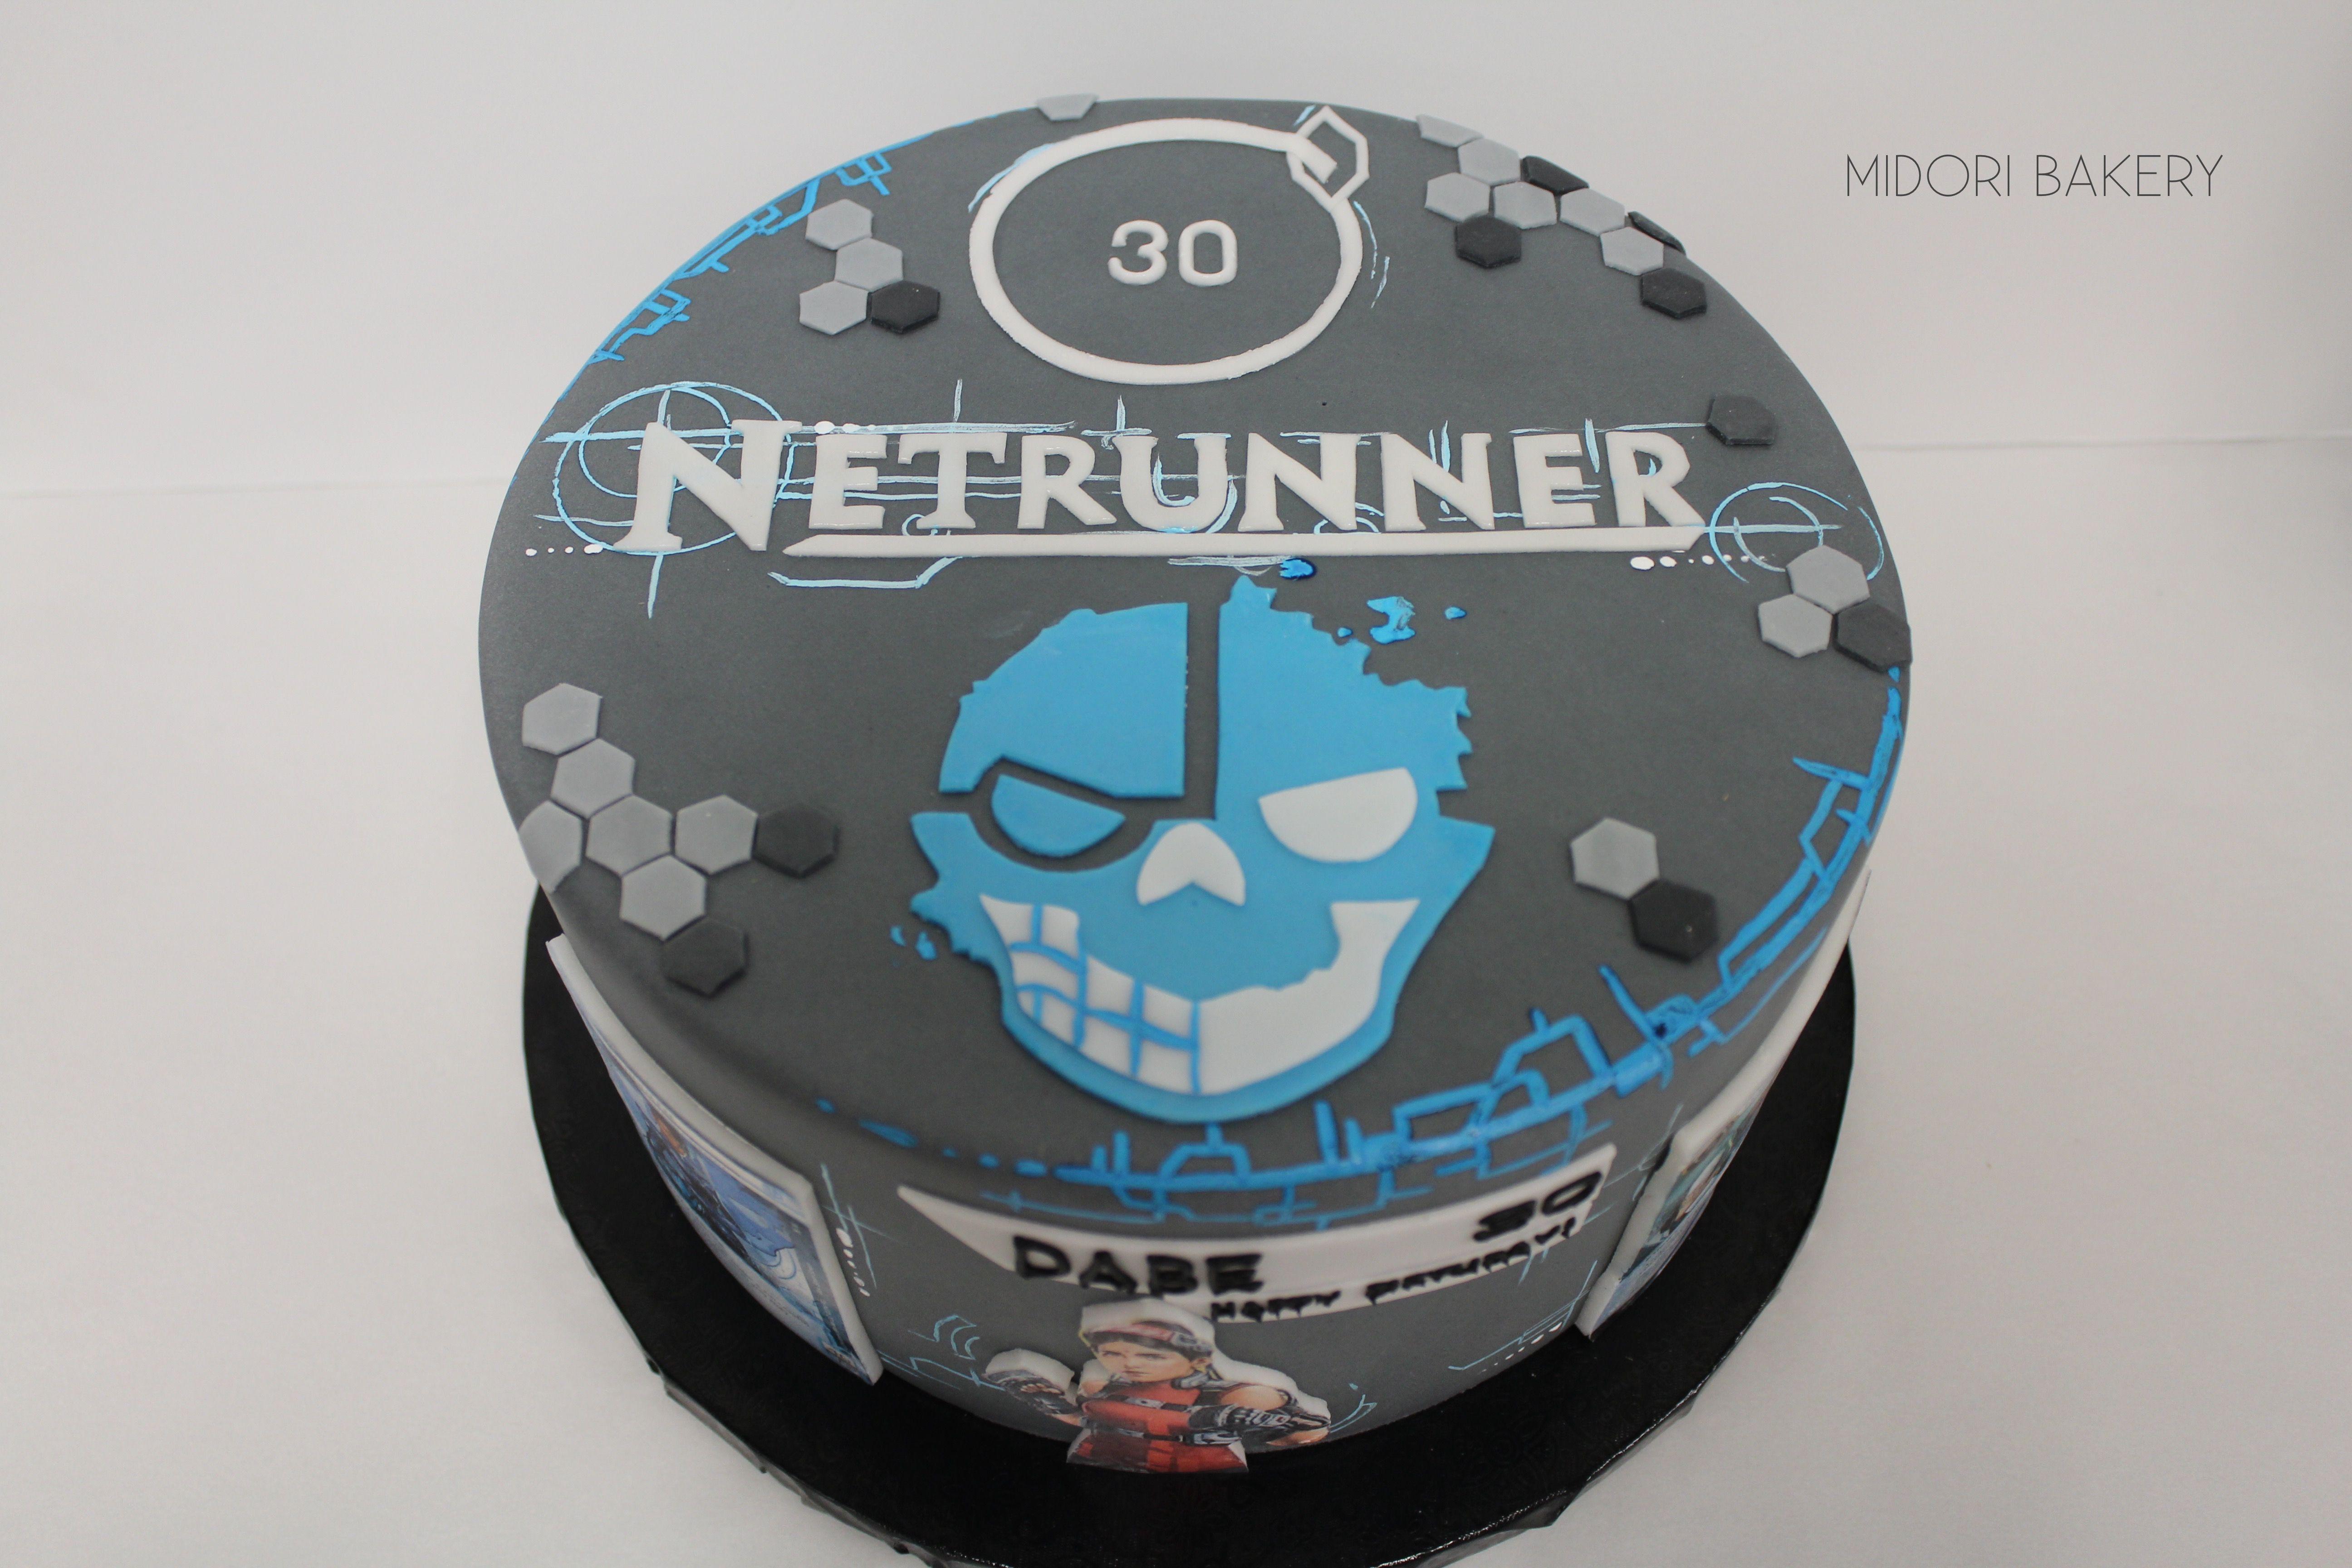 Netrunner themed cake by Midori Bakery